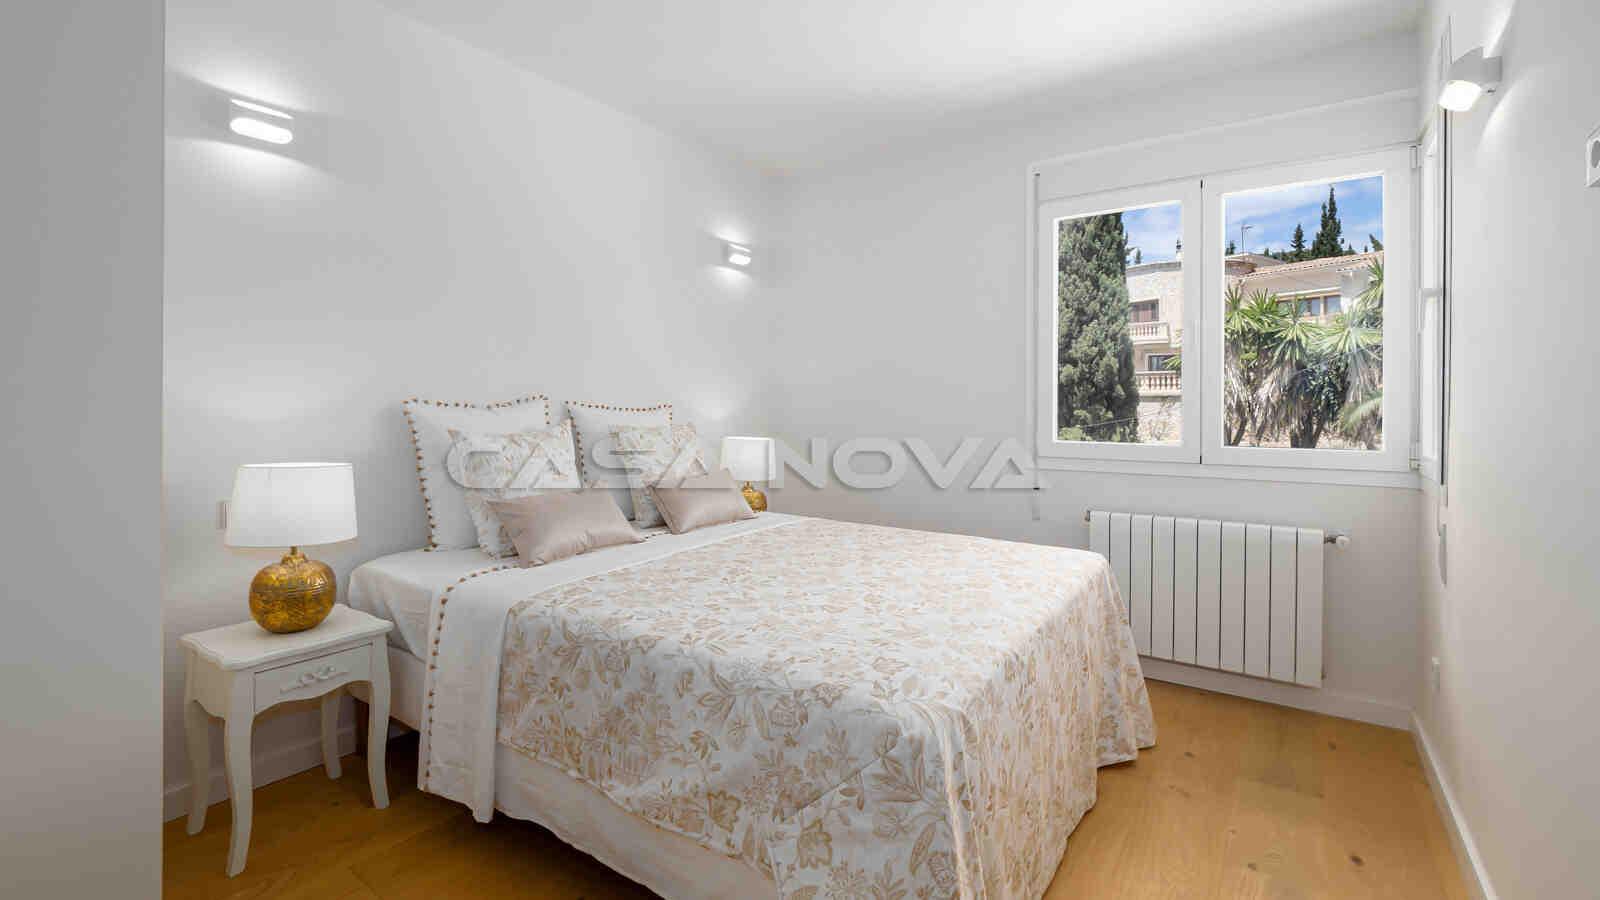 Ref. 1303017 - Helles Schlafzimmer mit toller Einrichtung